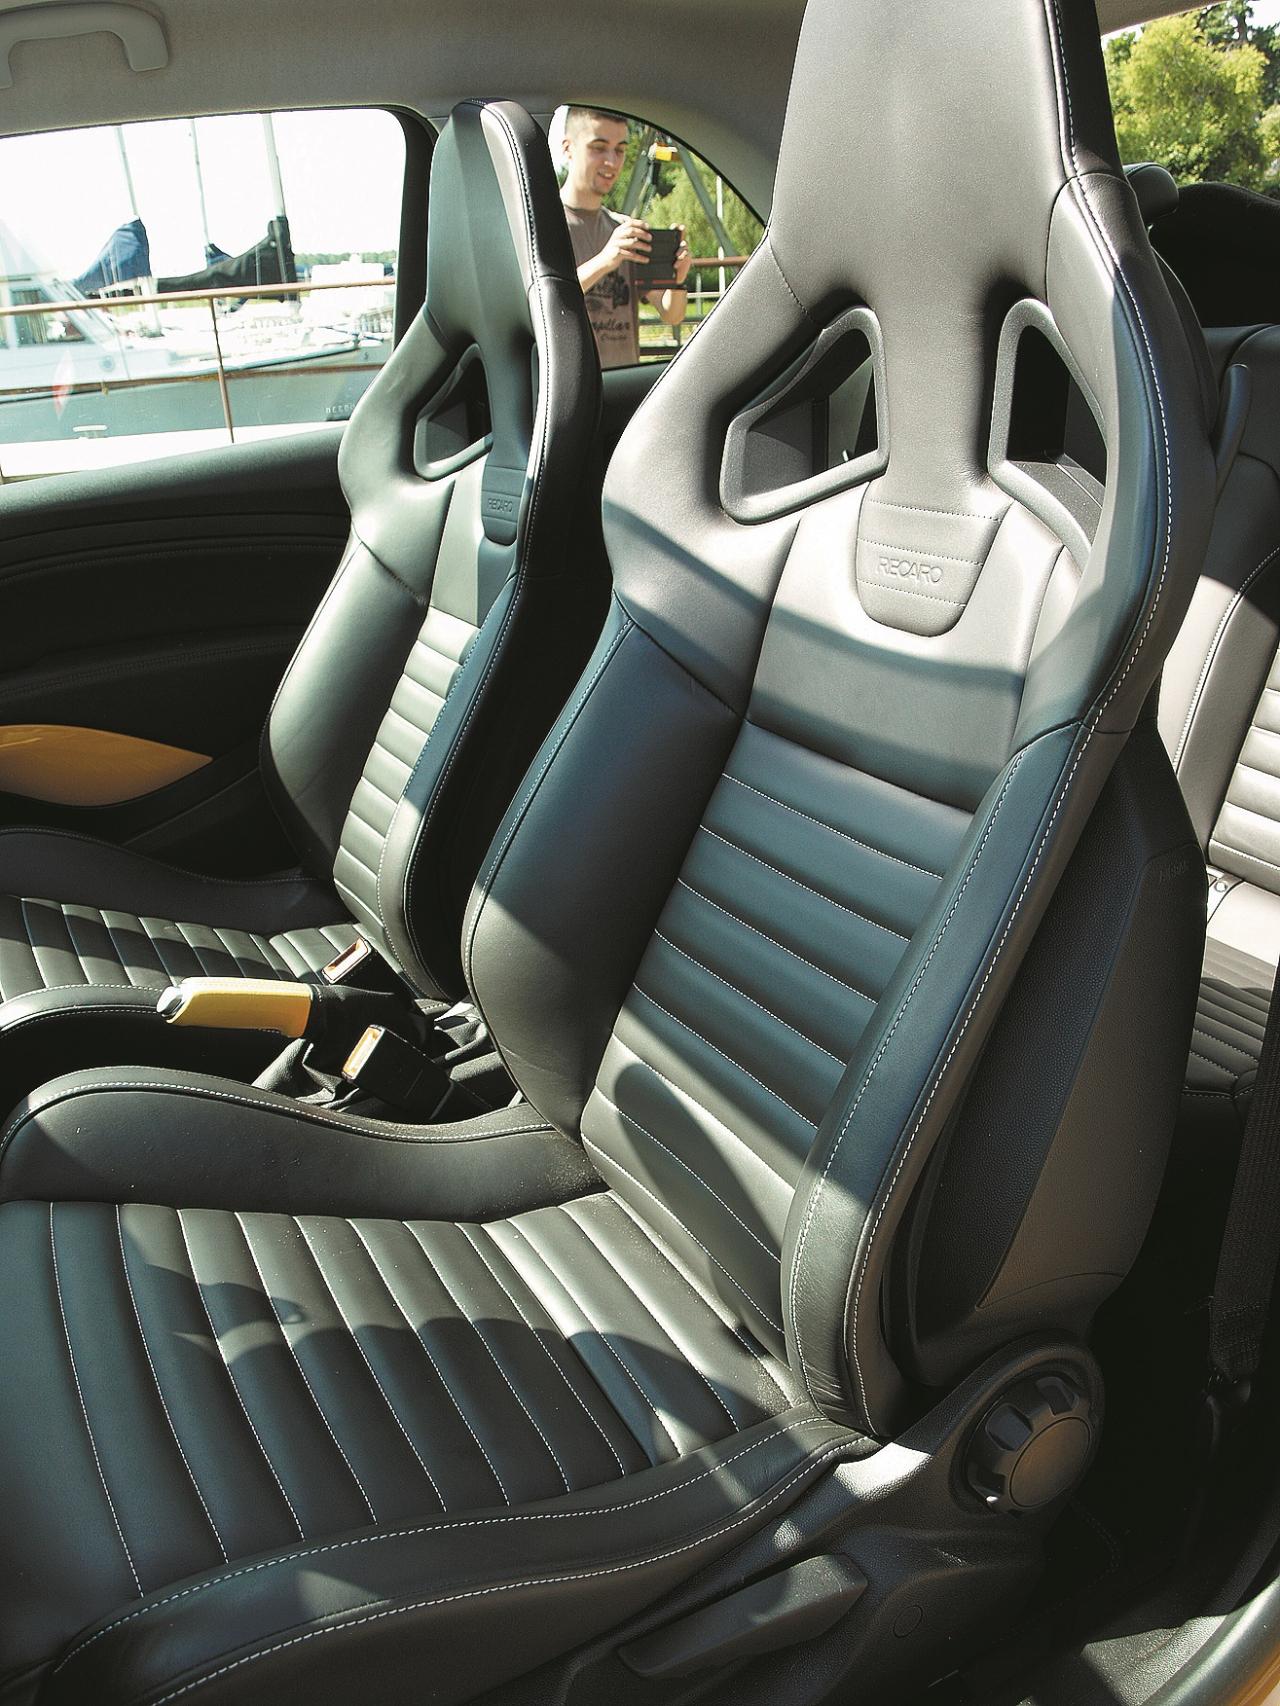 Sēdekļi veido teju desmito daļu no auto kopējās vērtības.